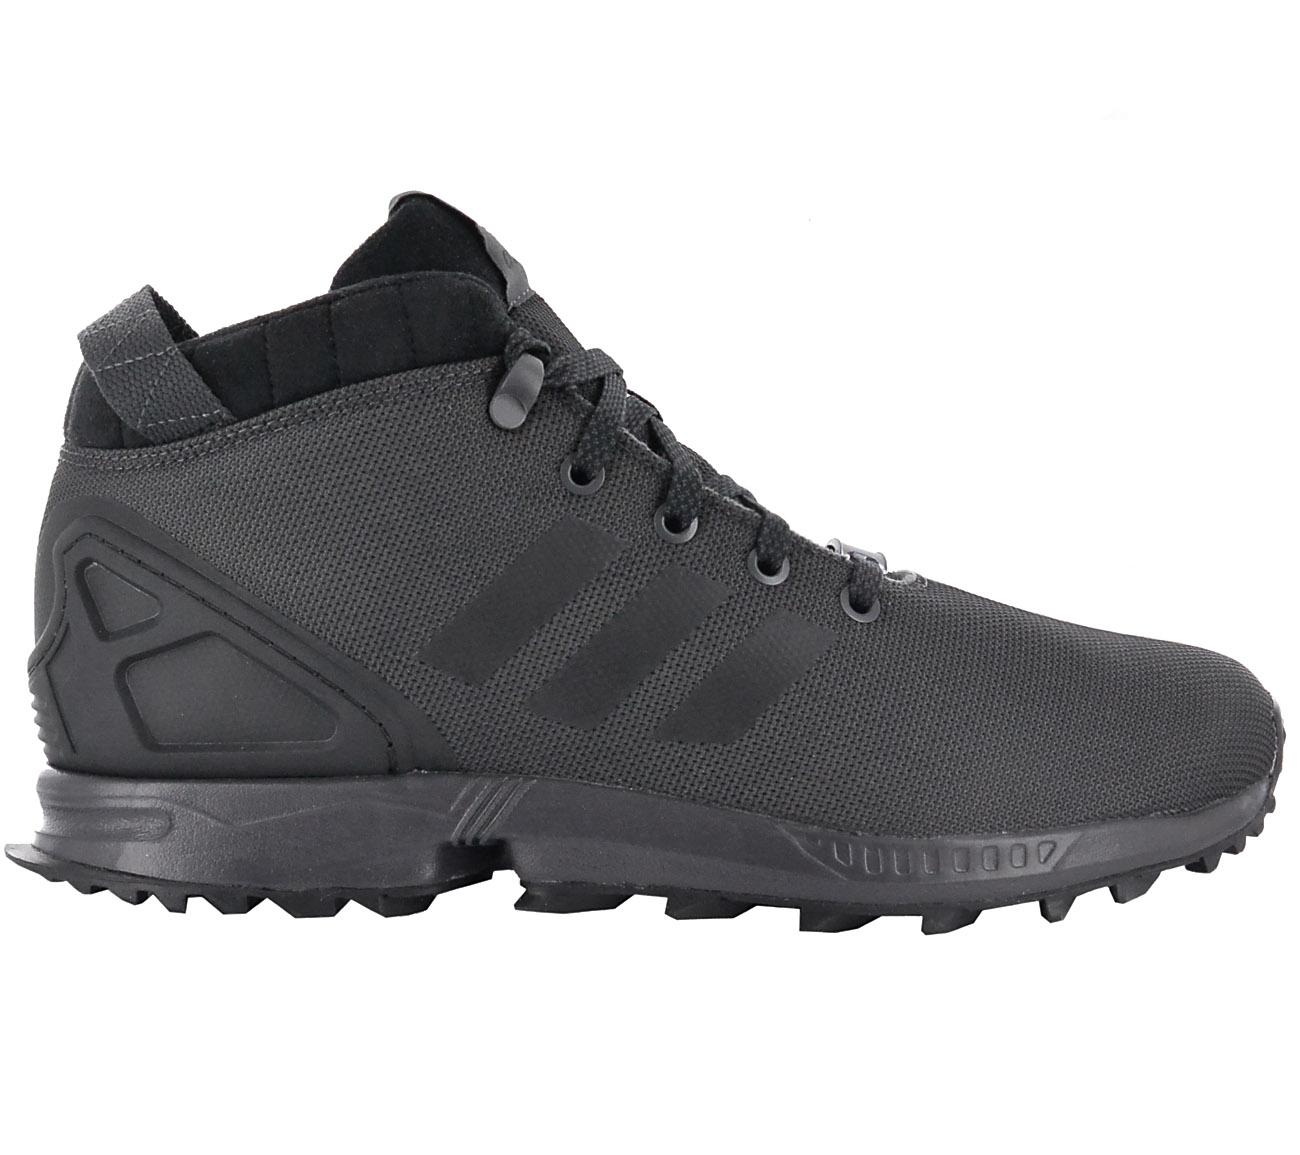 Adidas Originali Zx Flusso 5 / 8 Tr Scarpe Da Uomo Libero Scarpe Casual